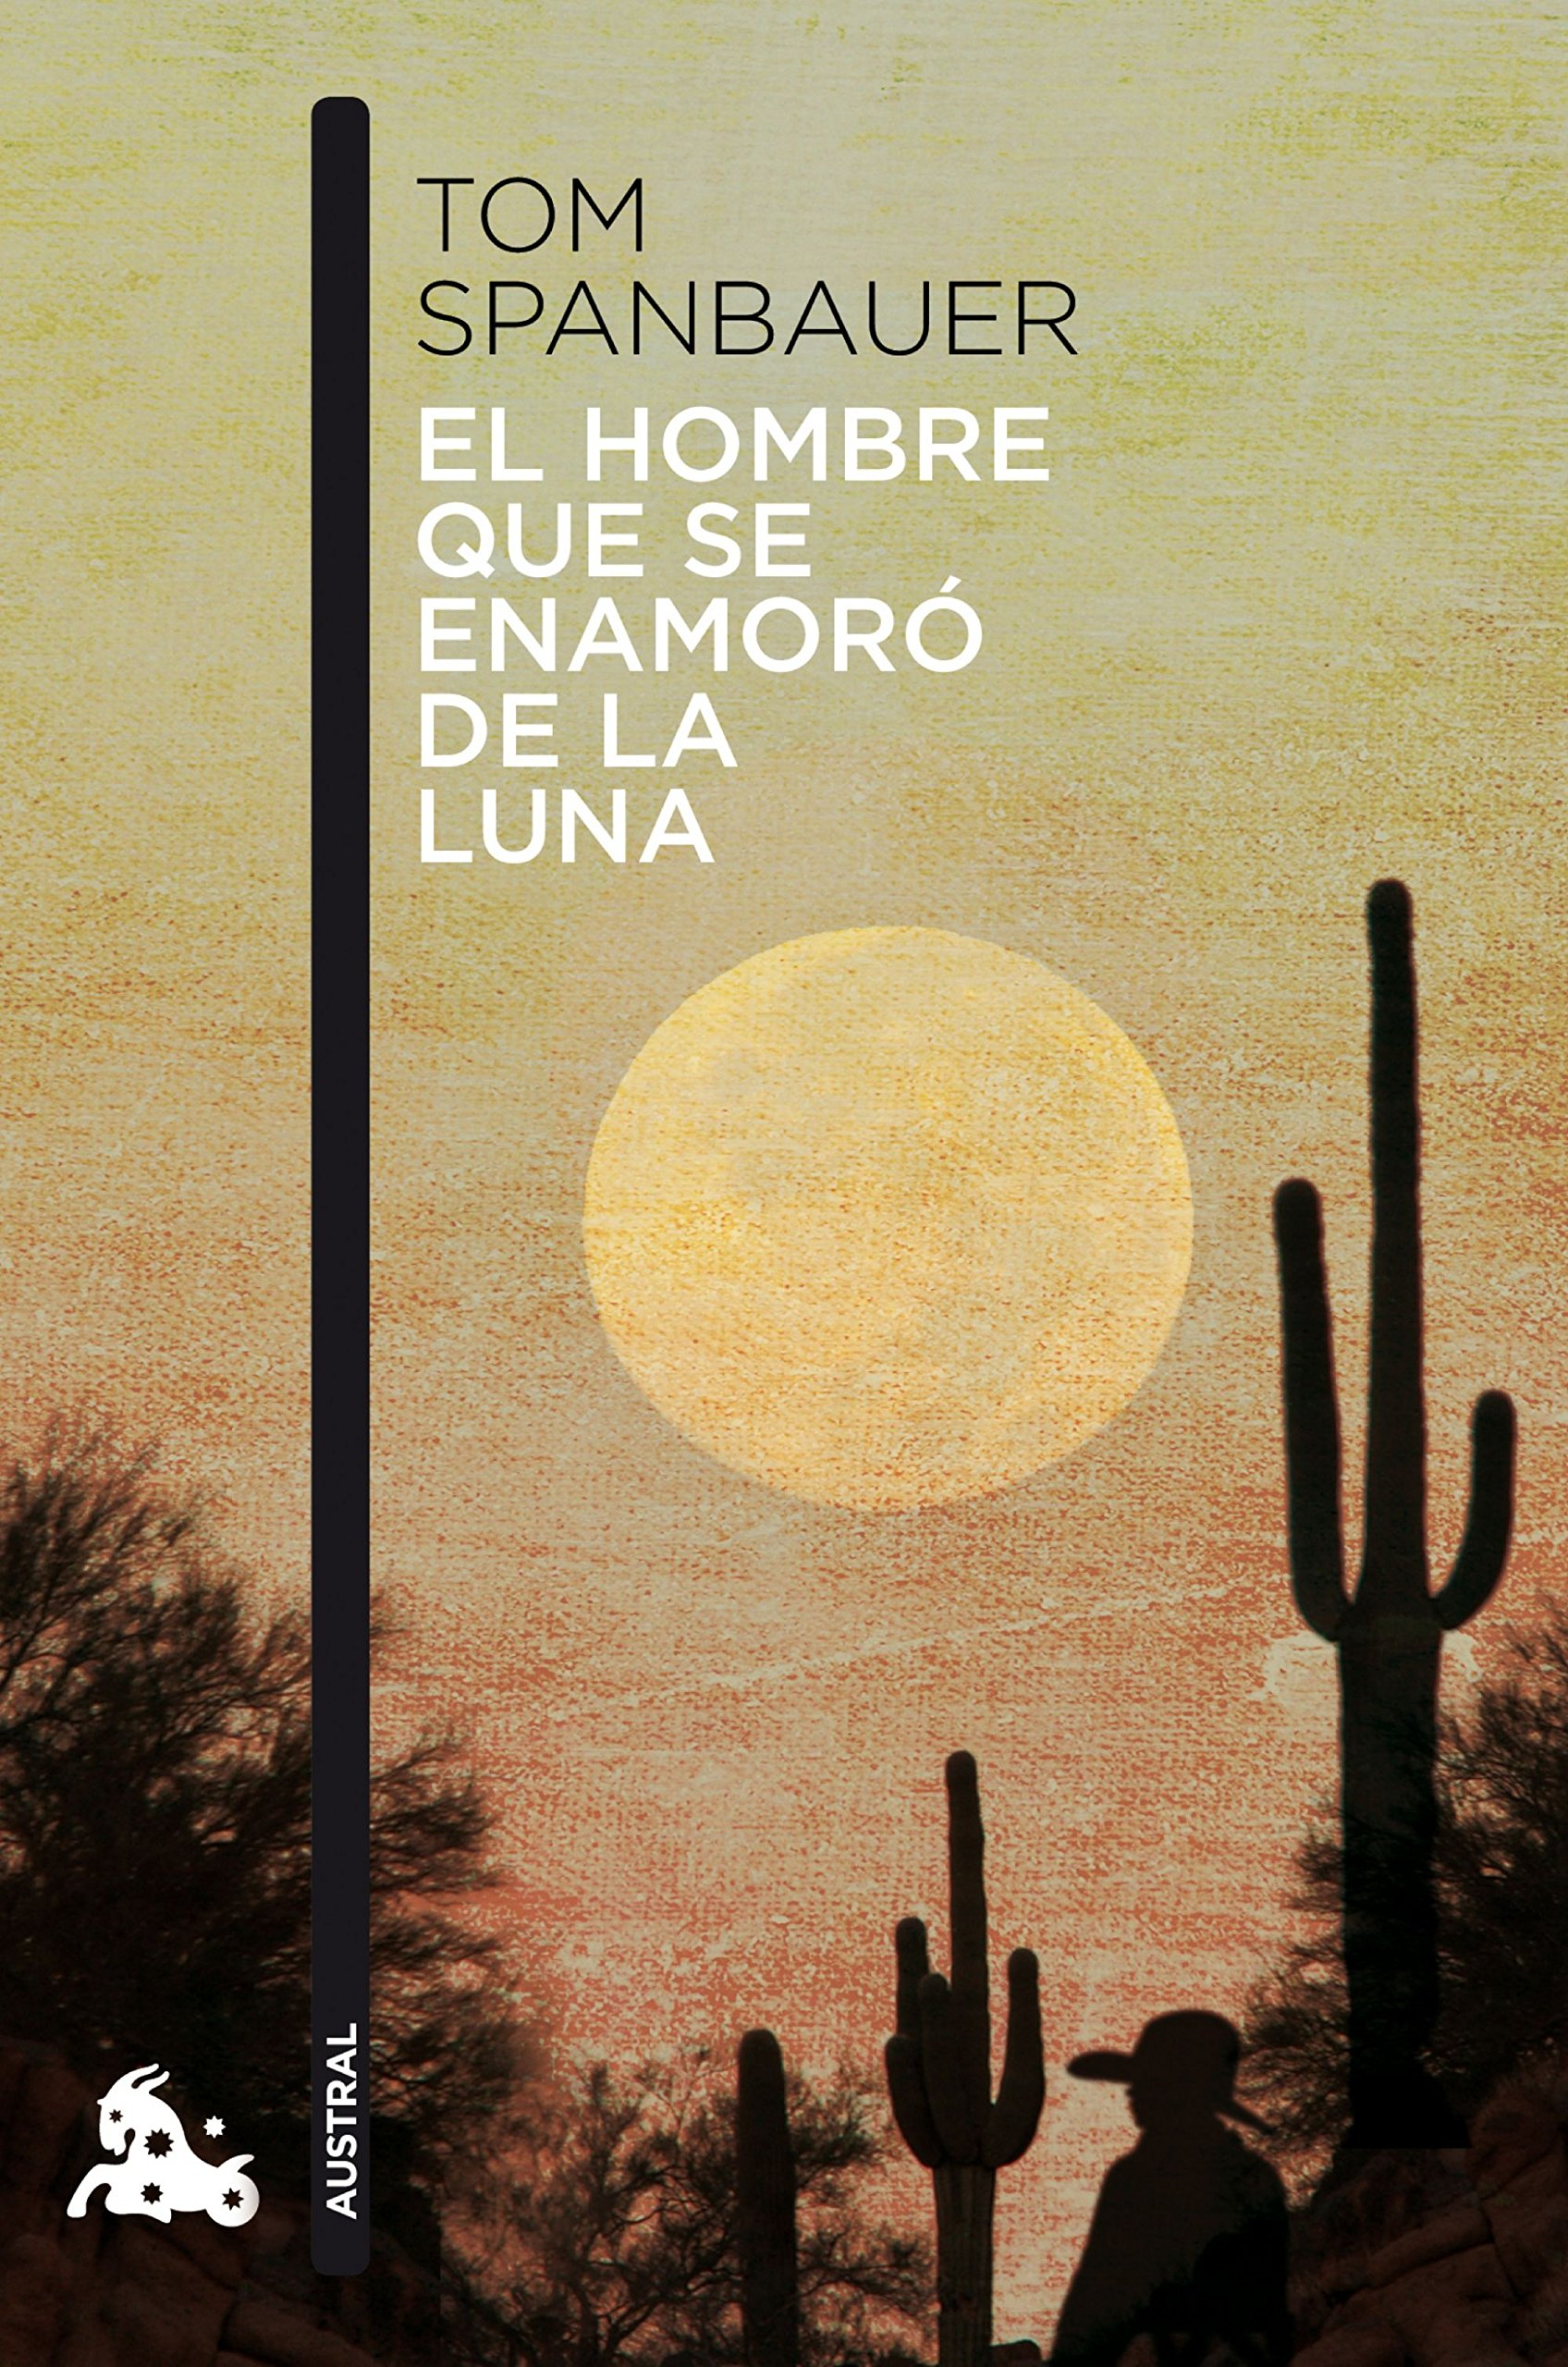 El hombre que se enamoró de la luna (Contemporánea): Amazon.es: Spanbauer, Tom, López Lamadrid, Claudio: Libros